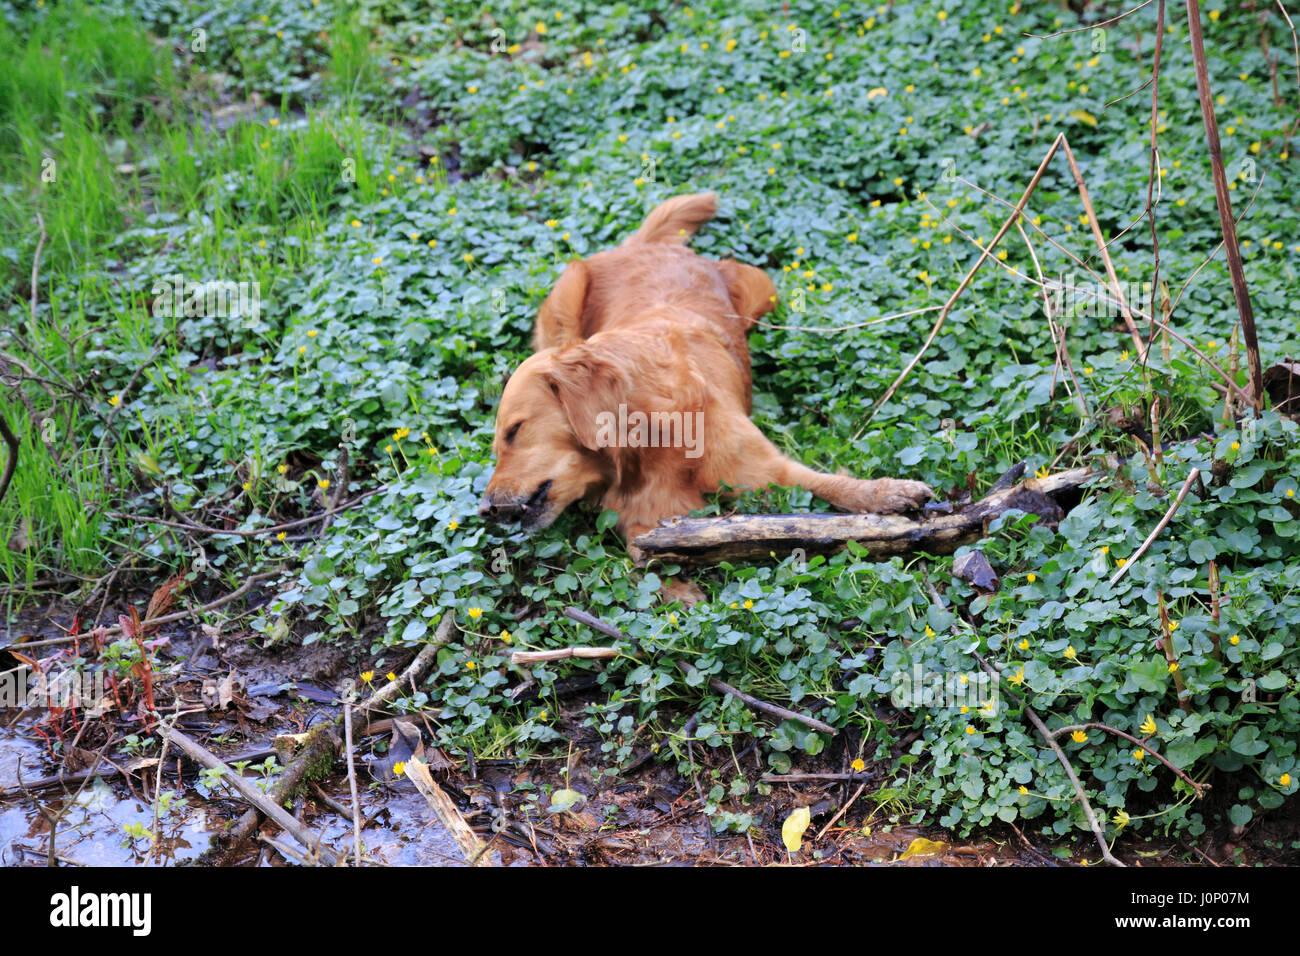 Hund Golden Redriever Tod, Tot, Vergiftet Auf Einer Wiese Stockfoto